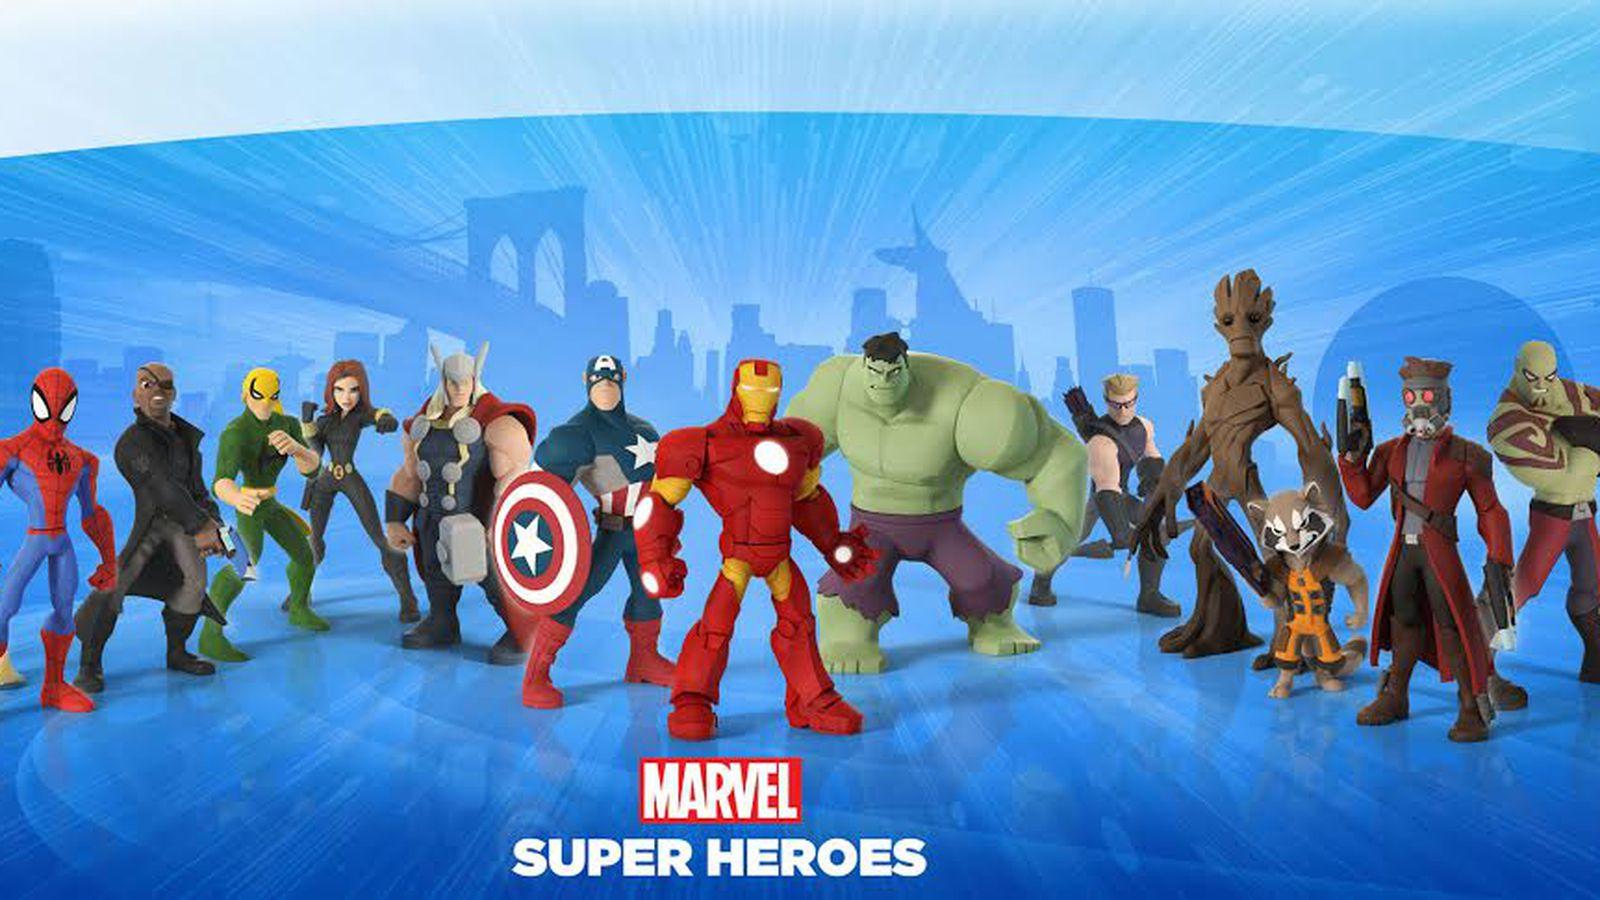 disney infinity marvel super heroes arrives sept 23 polygon. Black Bedroom Furniture Sets. Home Design Ideas